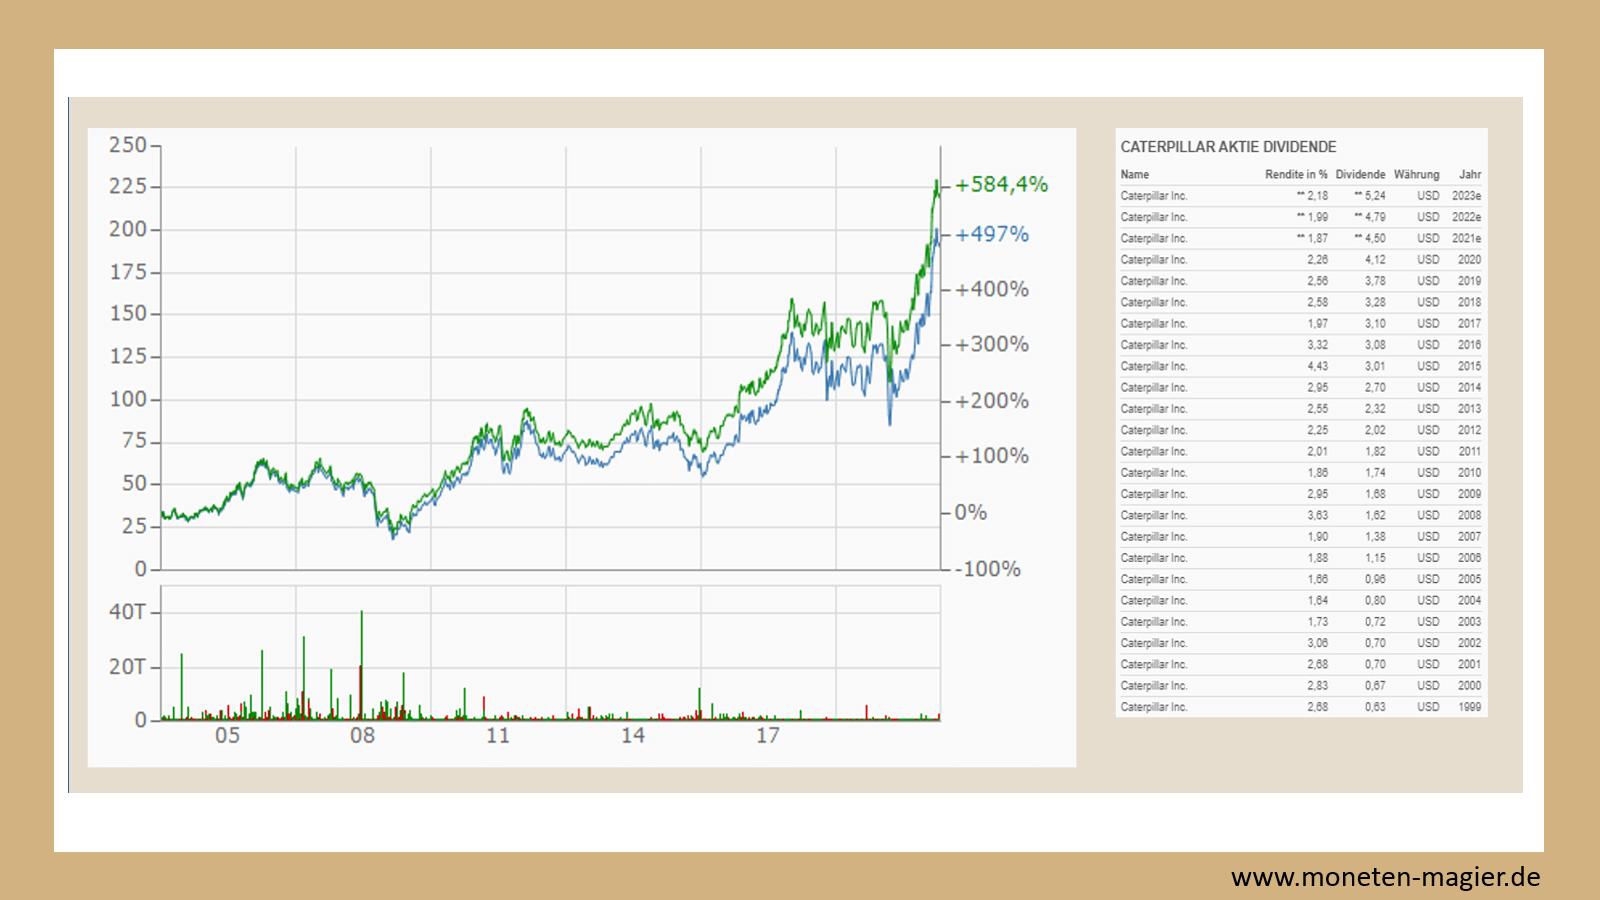 top 10 dividenden aktien moneten magier caterpillar